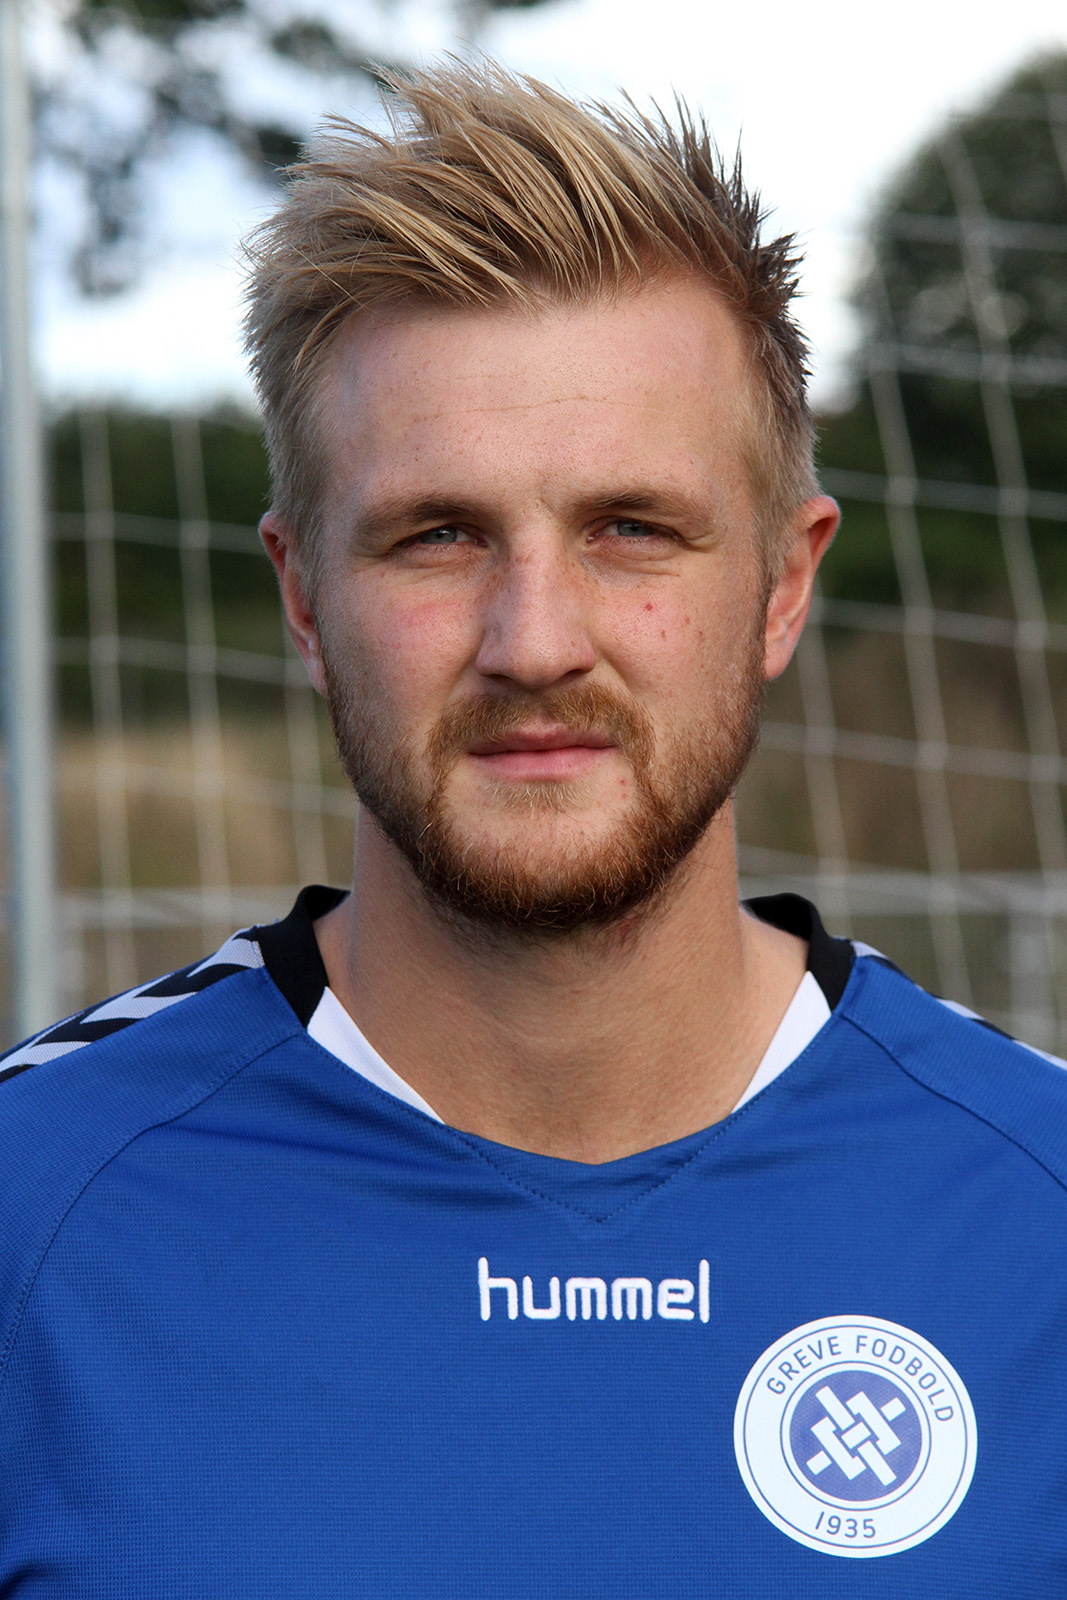 Mitchell Tagø Pedersen